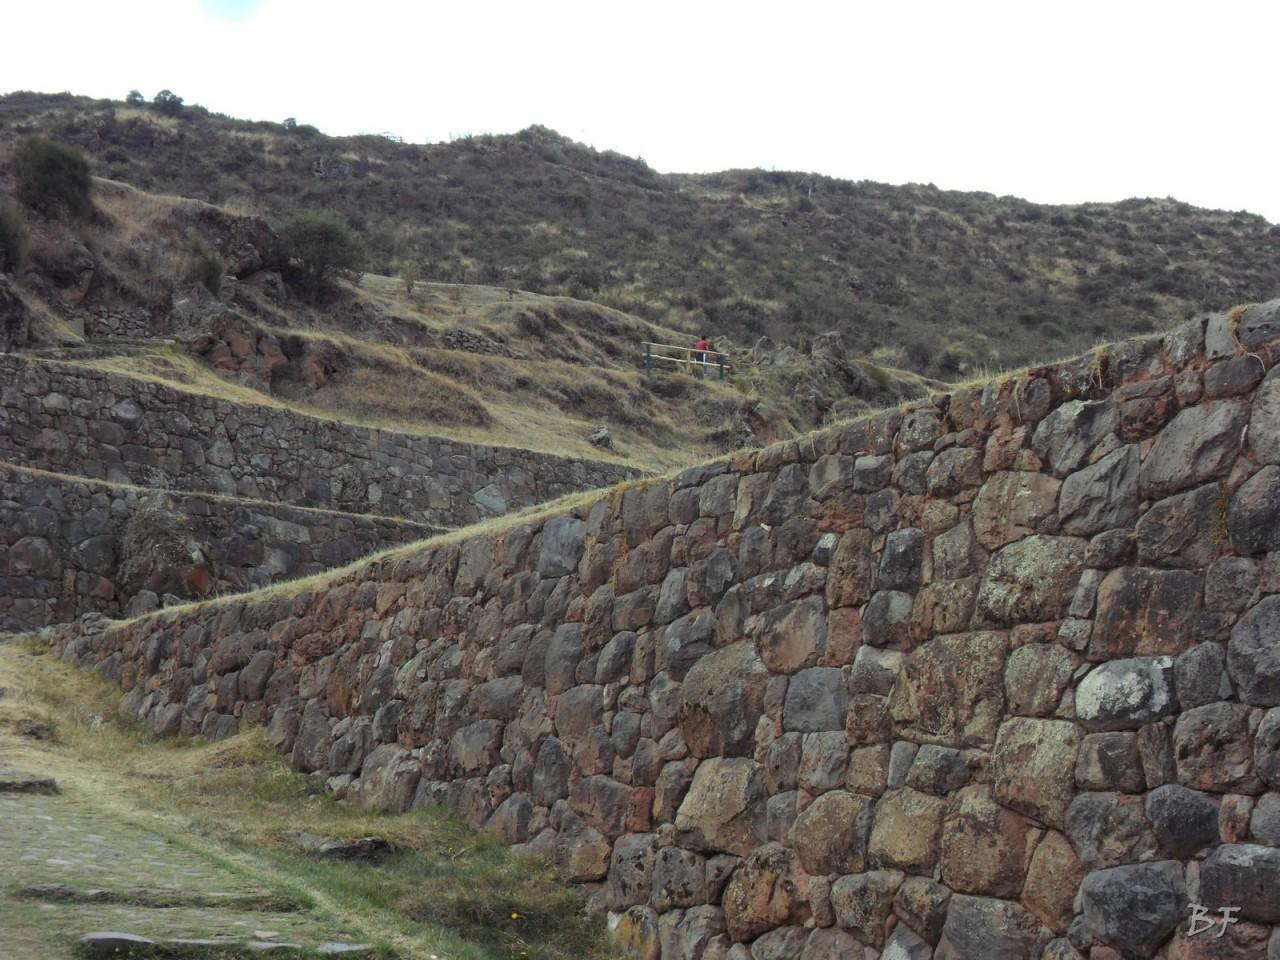 Mura-Poligonali-Megaliti-Tipon-Oropesa-Cusco-Perù-8